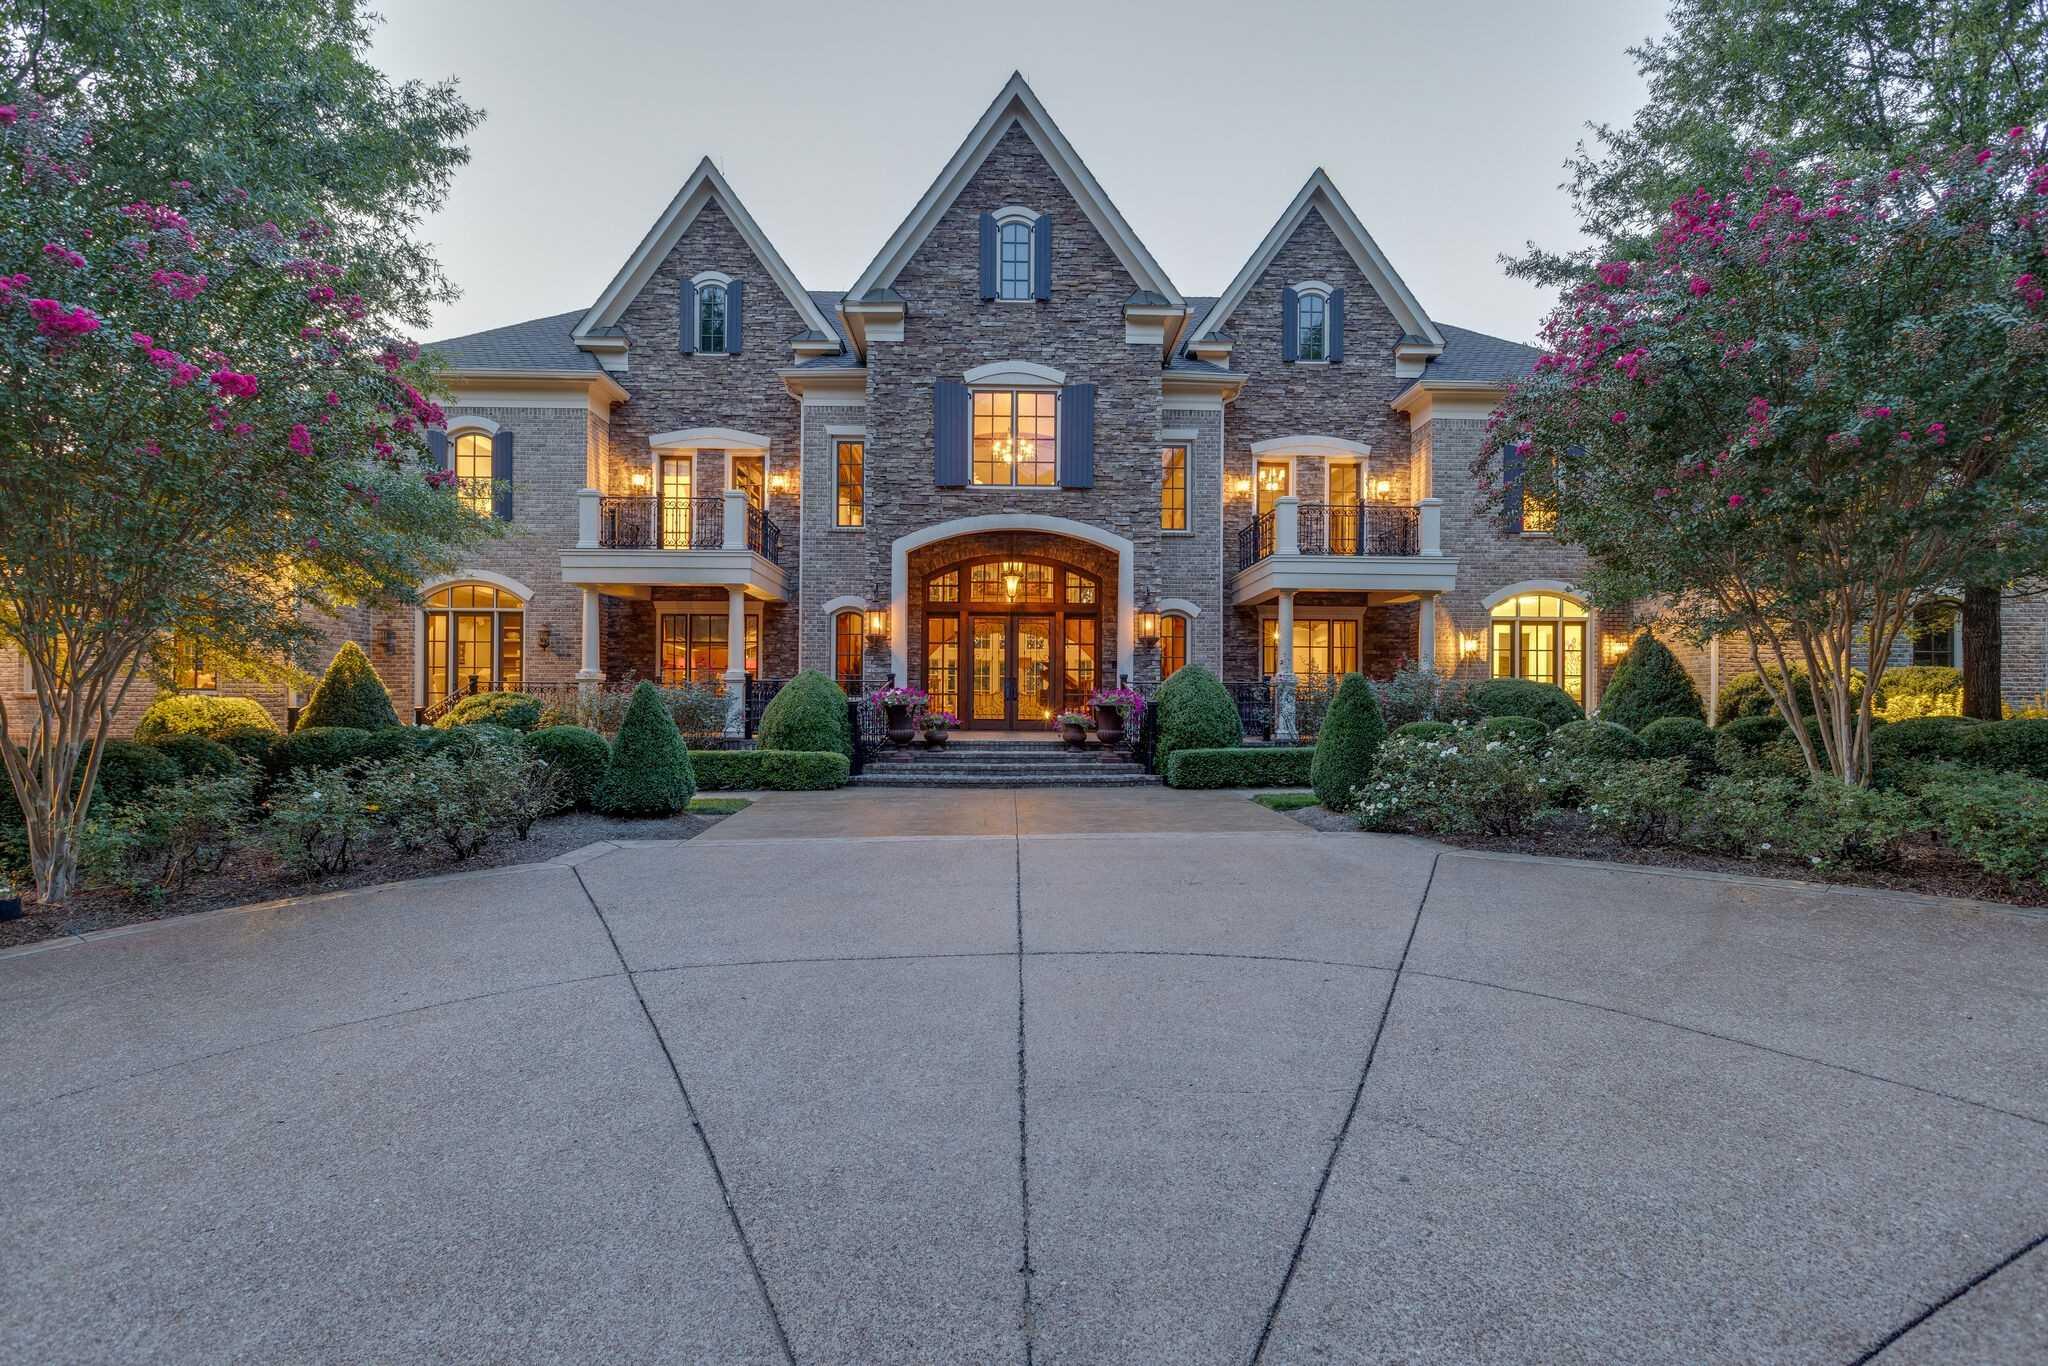 $7,100,000 - 9Br/14Ba -  for Sale in Laurelbrooke Sec 8, Franklin